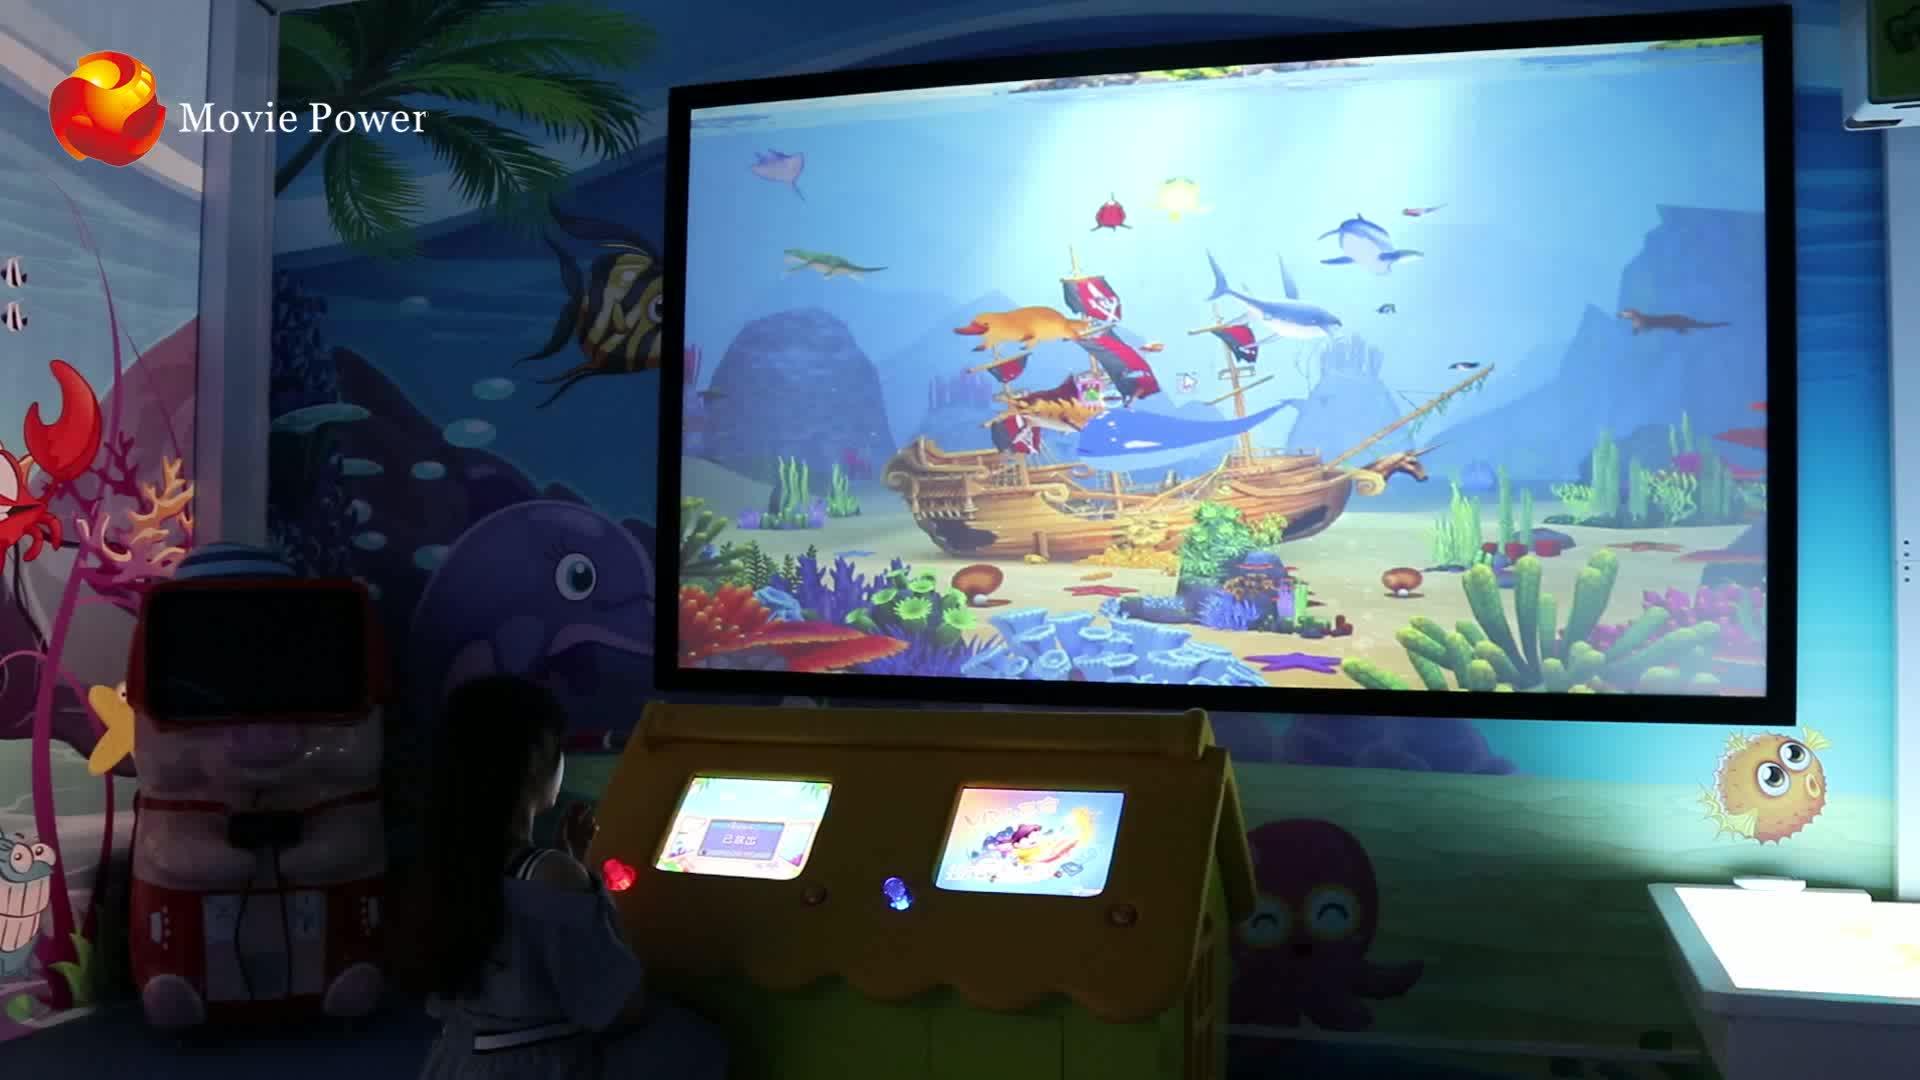 เกมสติกเกอร์ติดผนังโลกแห่งเวทมนตร์ทางปัญญาสำหรับเด็ก / เด็ก ๆ เกมหยอดเหรียญ vr kidscoin